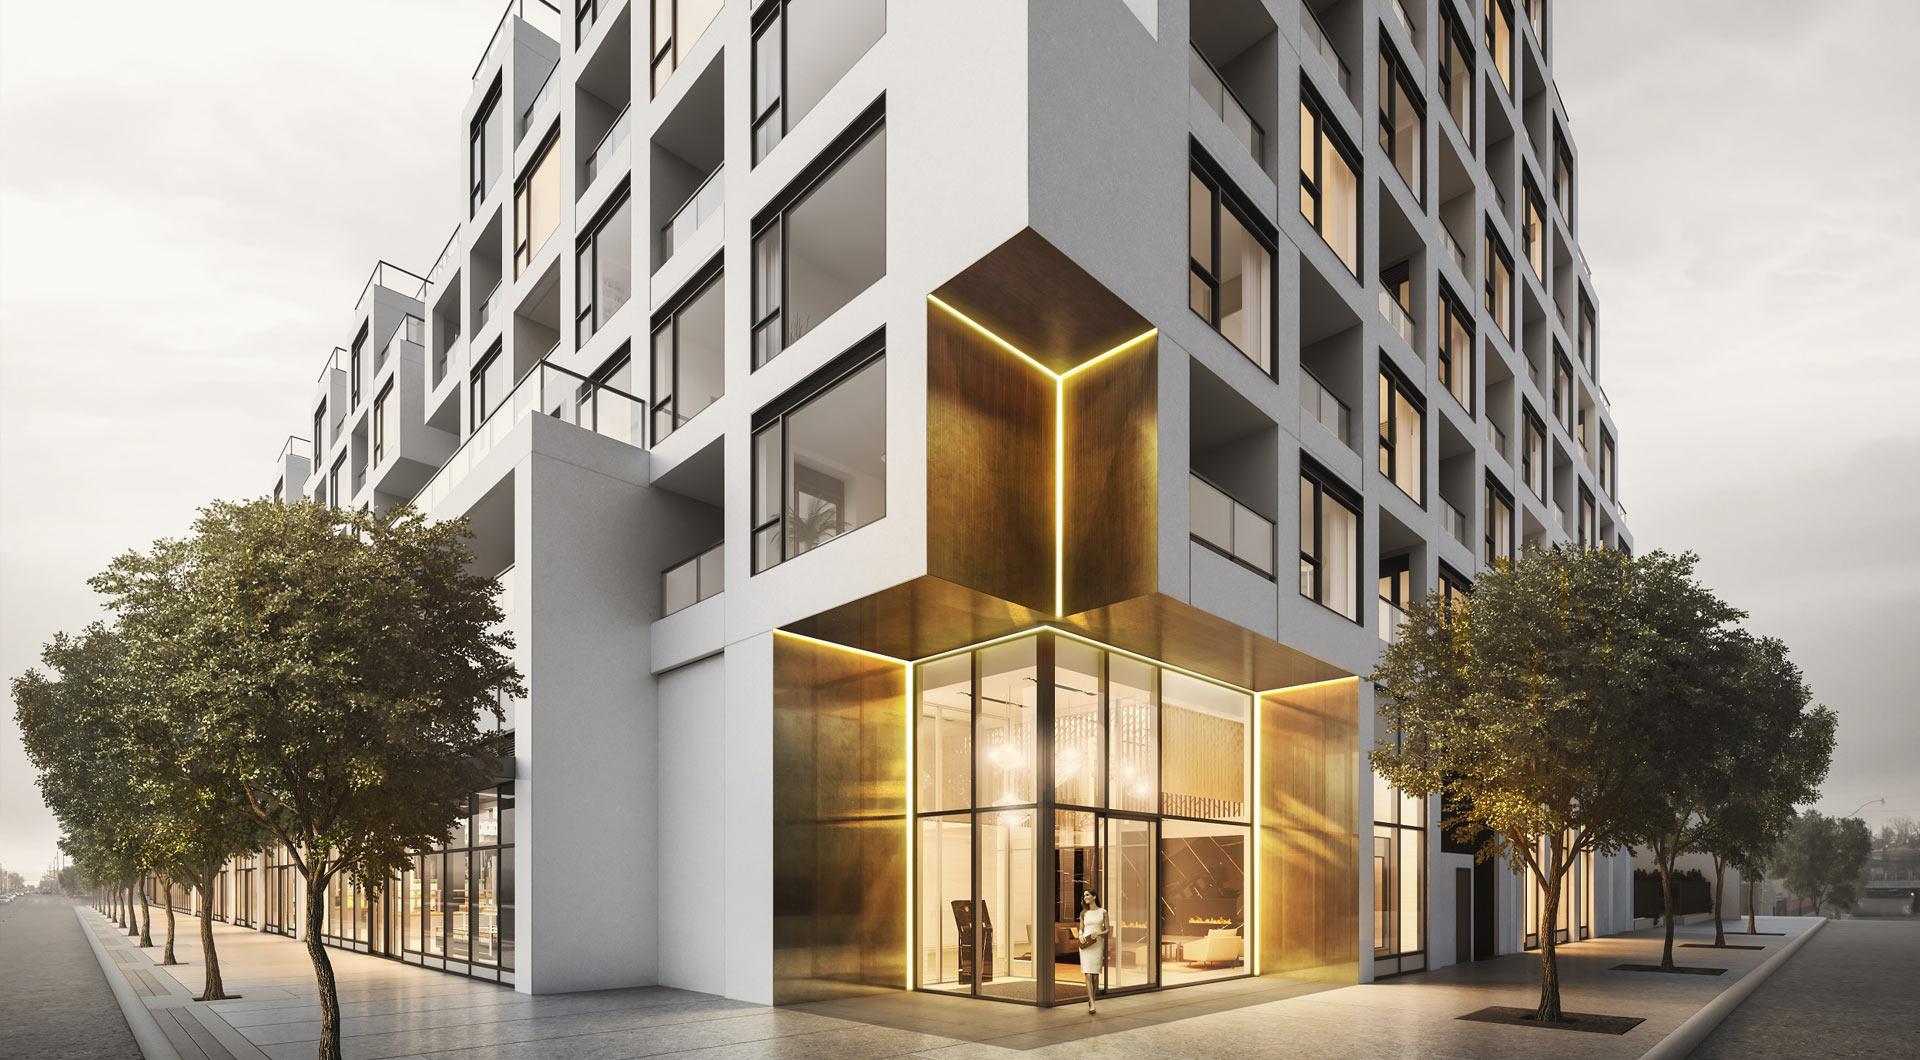 Condoville Club Toronto. Luxury Preconstruction Condos, Real Estate Ontario, New Condos, bianca condos